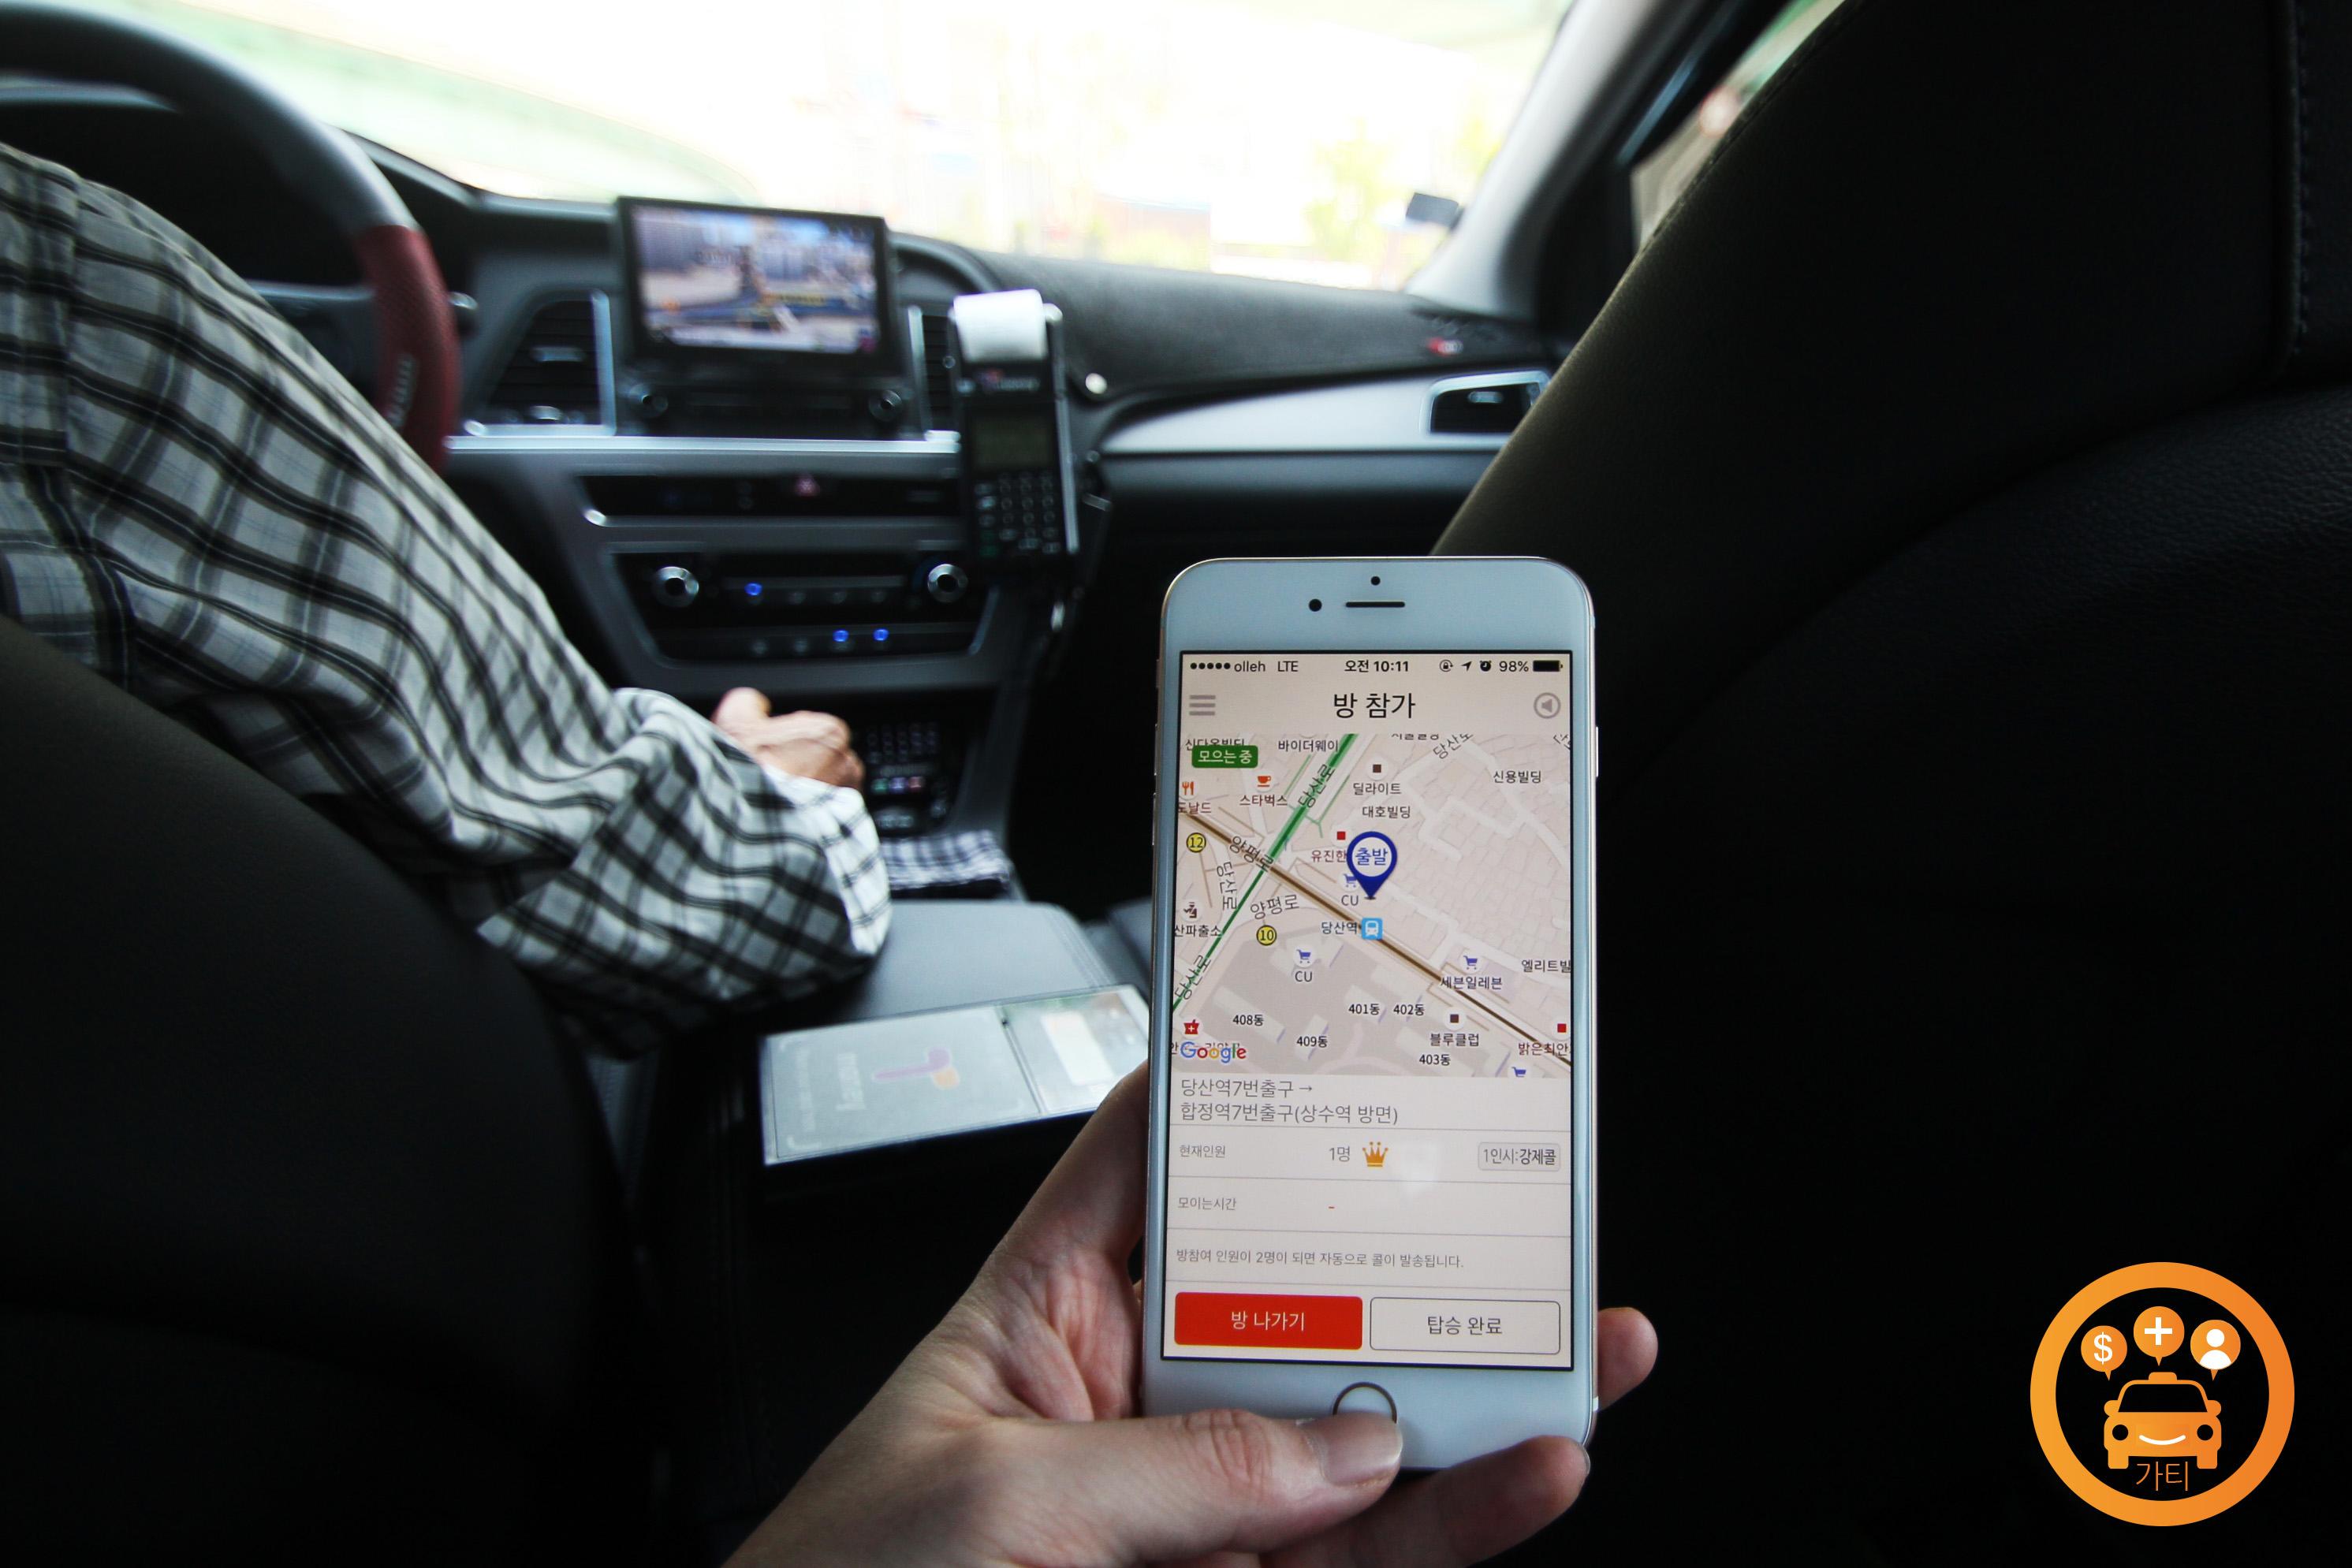 가티, 택시요금 획기적으로 줄일 어플 출시